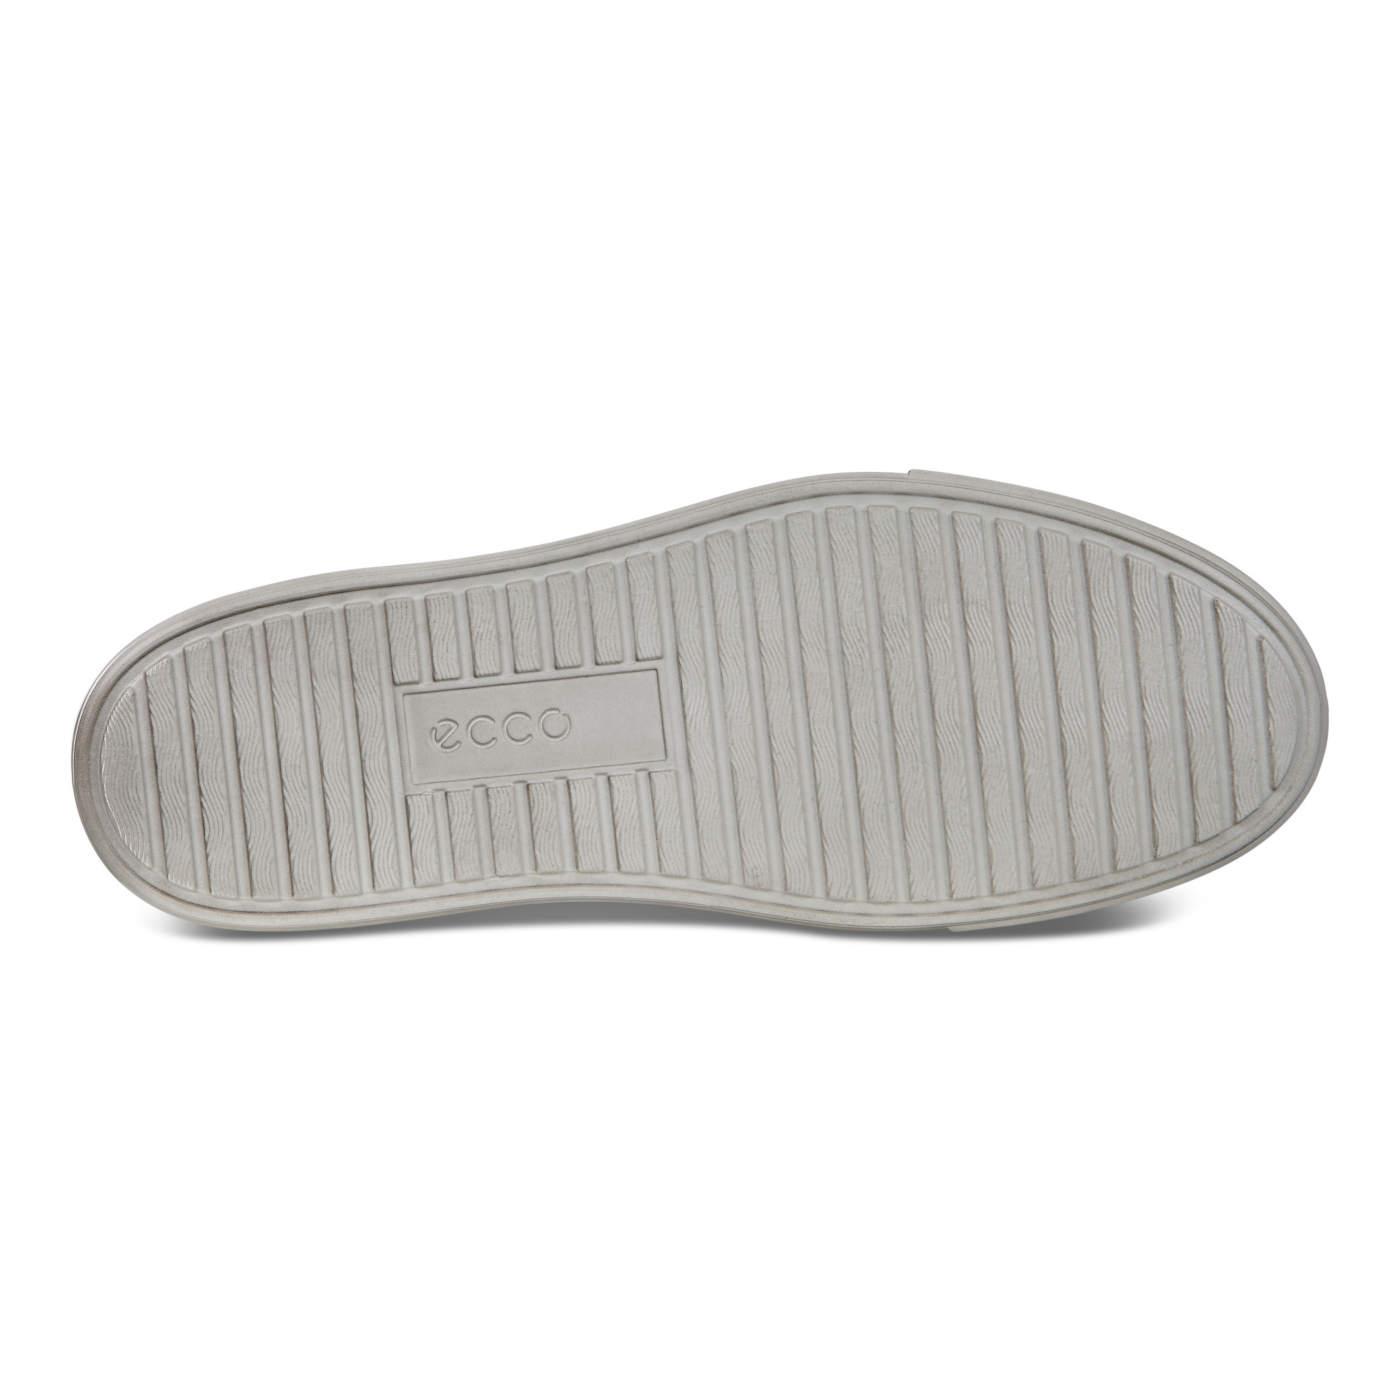 ECCO KYLE Sneaker Non-Lace Slip On